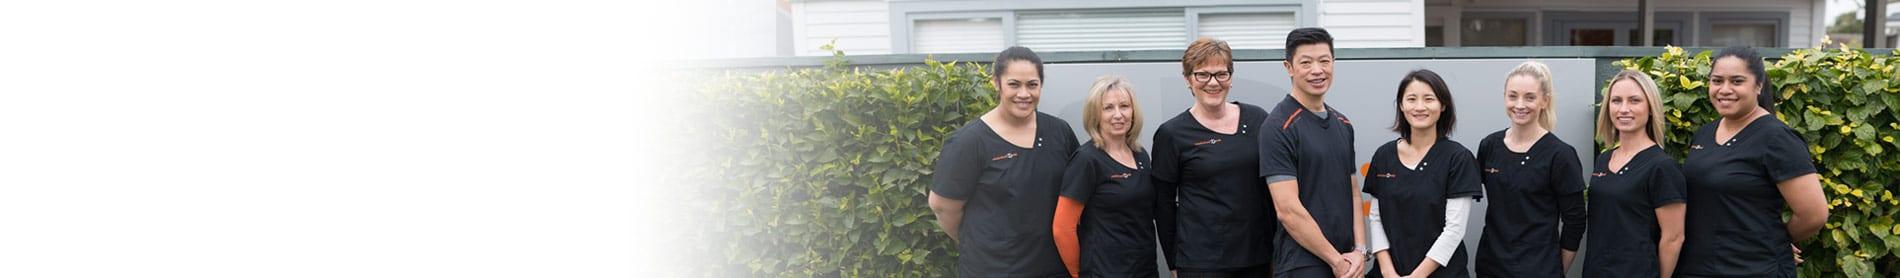 Manurewa, Auckland Dentist Team